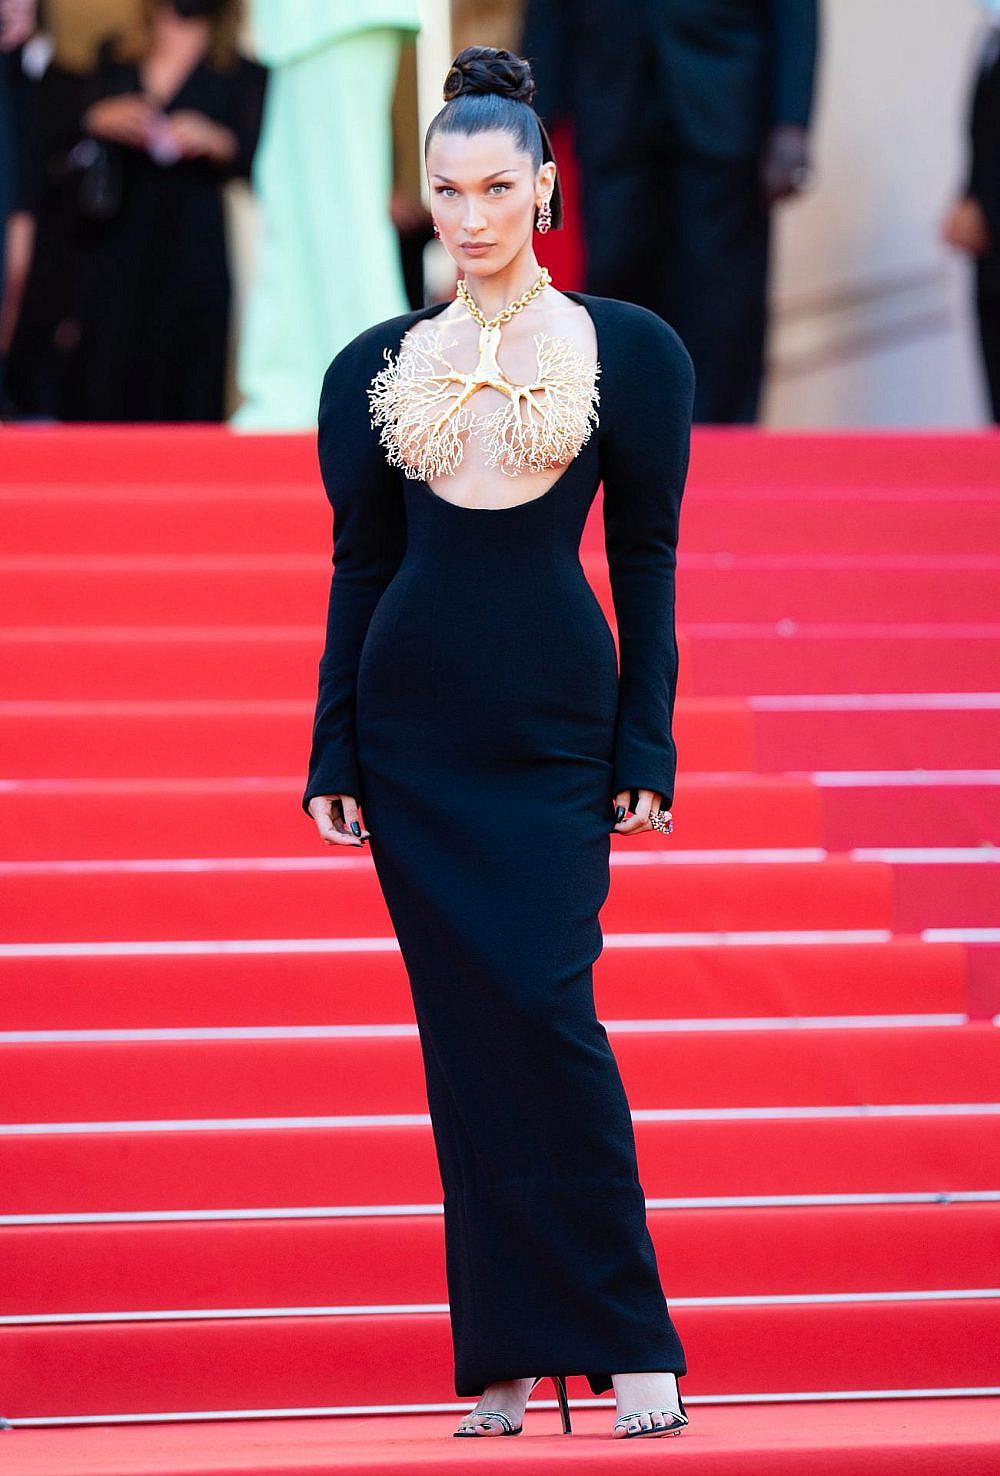 בלה חדיד לובשת סקיפרלי בפסטיבל קאן 2021 | צילום: Gettyimages